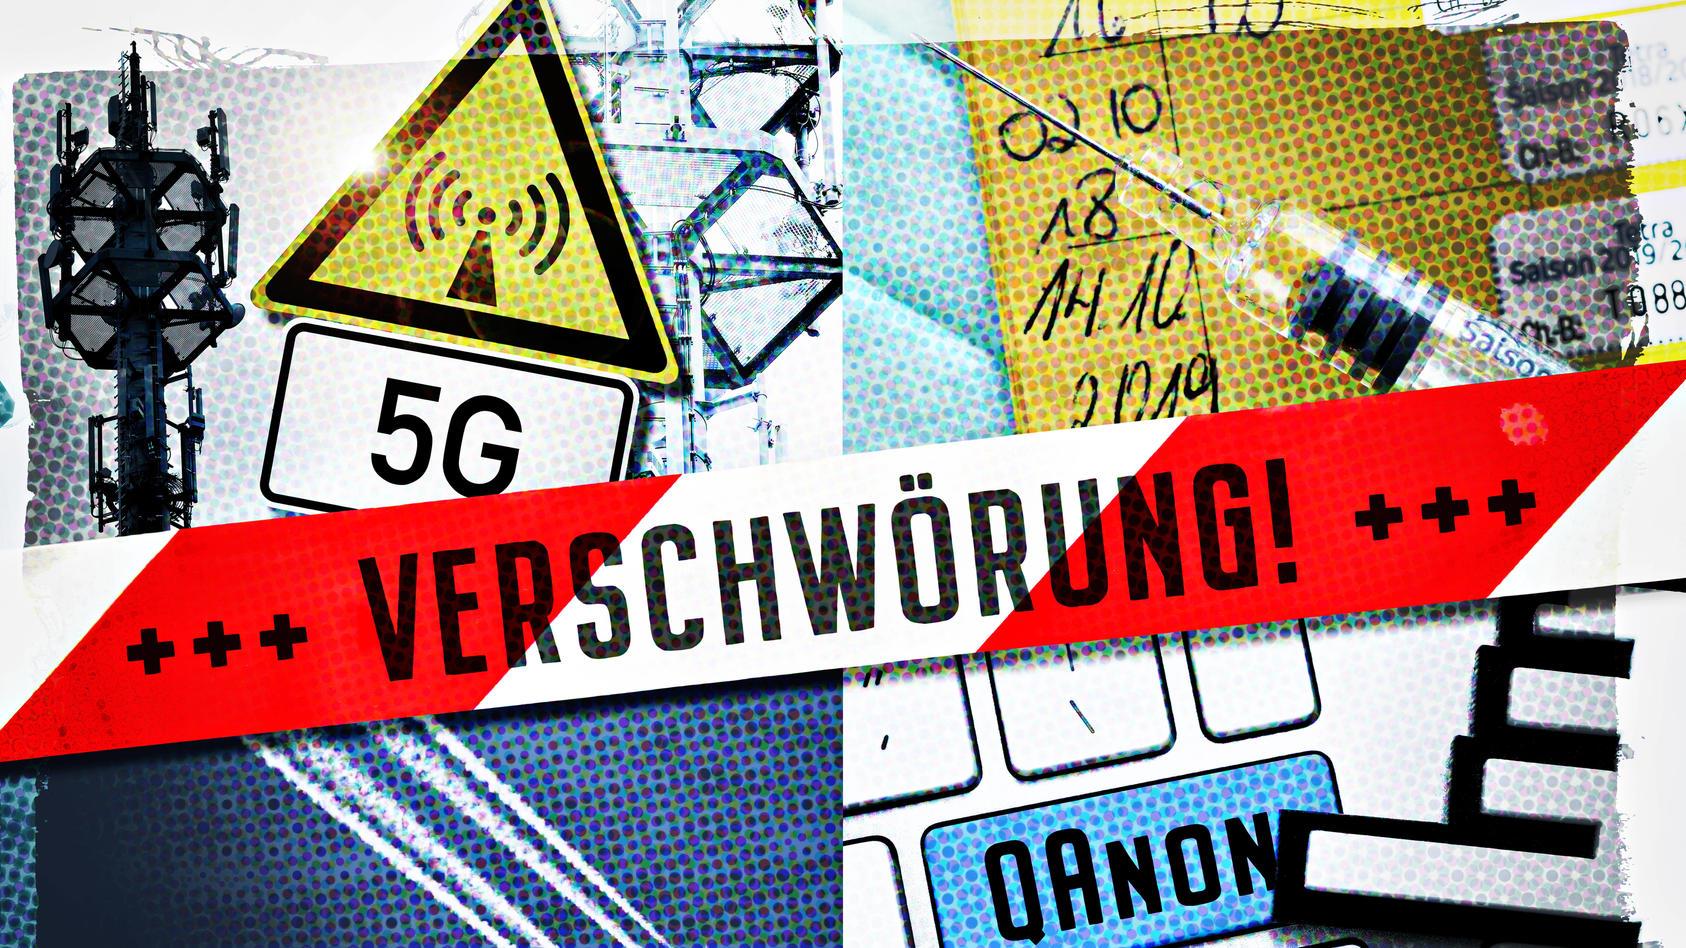 Verschwörungstheoretiker behaupten, die neue 5G-Technologie hätte das Coronavirus ausgelöst - und wollen sich vor der Strahlung schützen.